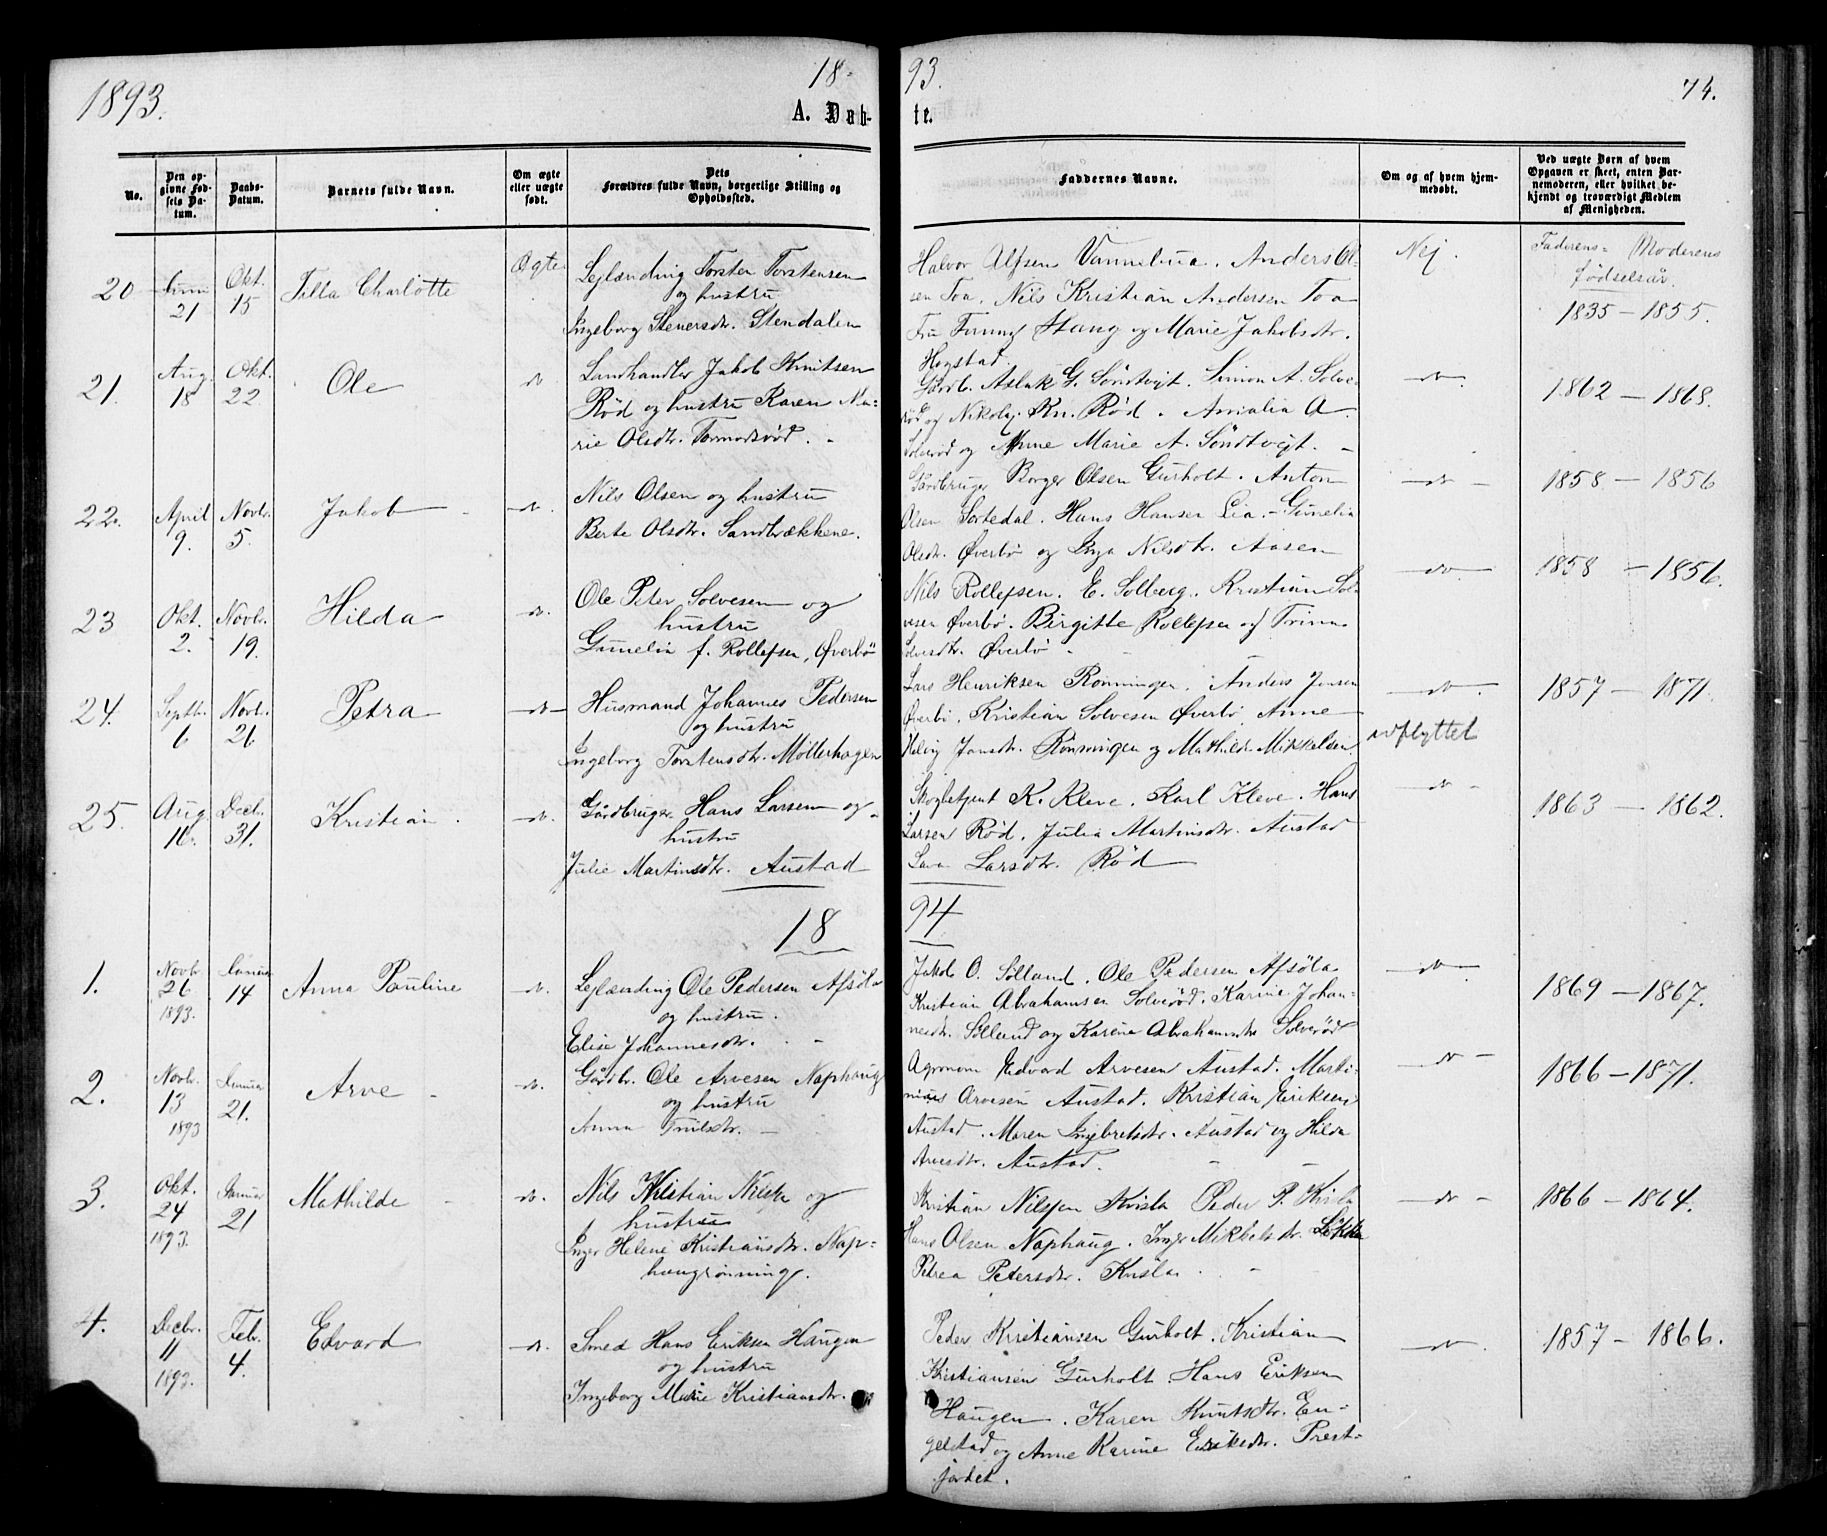 SAKO, Siljan kirkebøker, G/Ga/L0002: Klokkerbok nr. 2, 1864-1908, s. 74